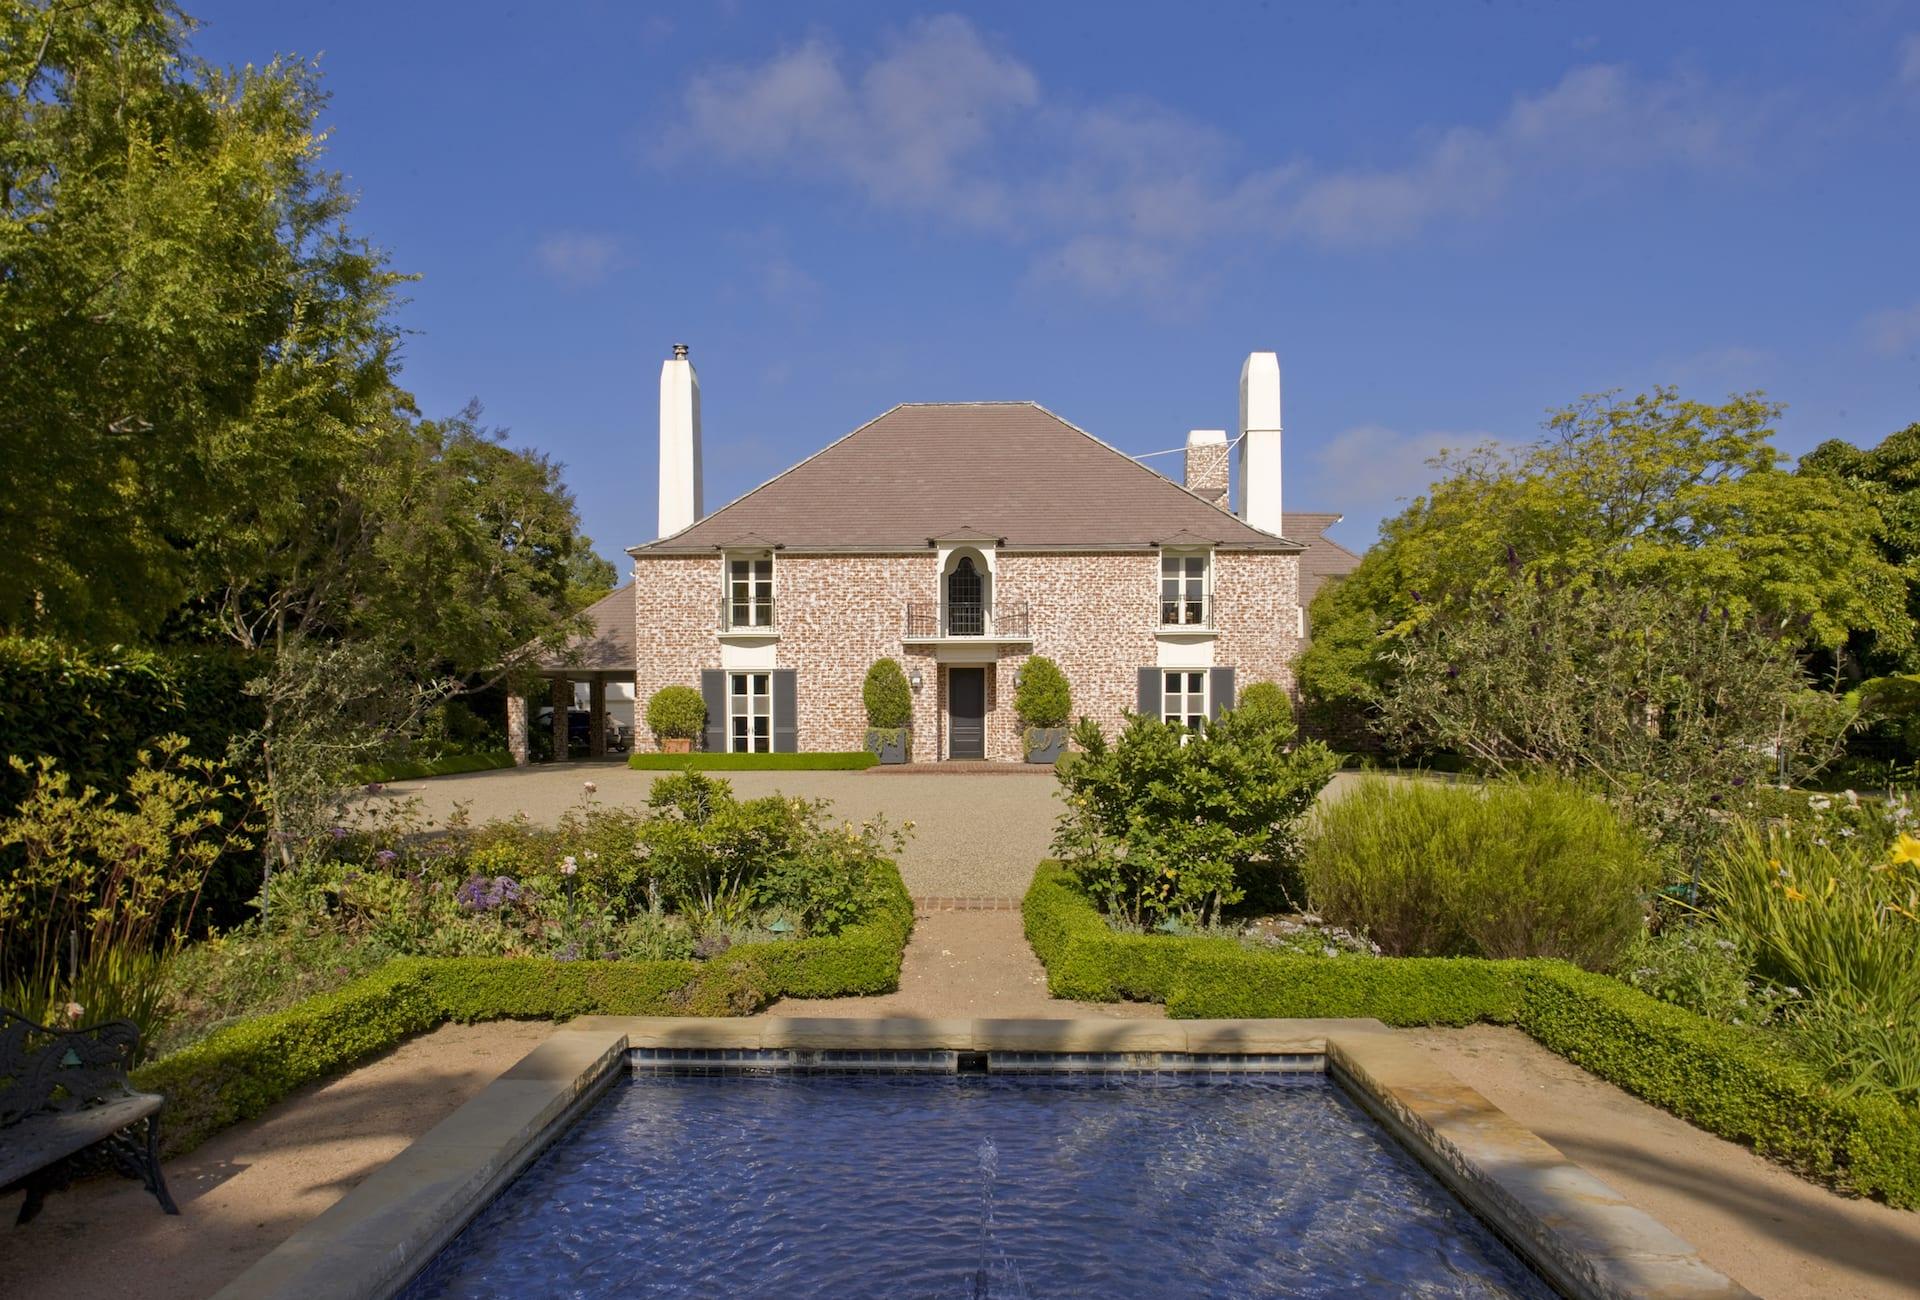 Casa Unifamiliar por un Venta en 110 N Rockingham Ave 110 N Rockingham Ave Los Angeles, California,90049 Estados Unidos